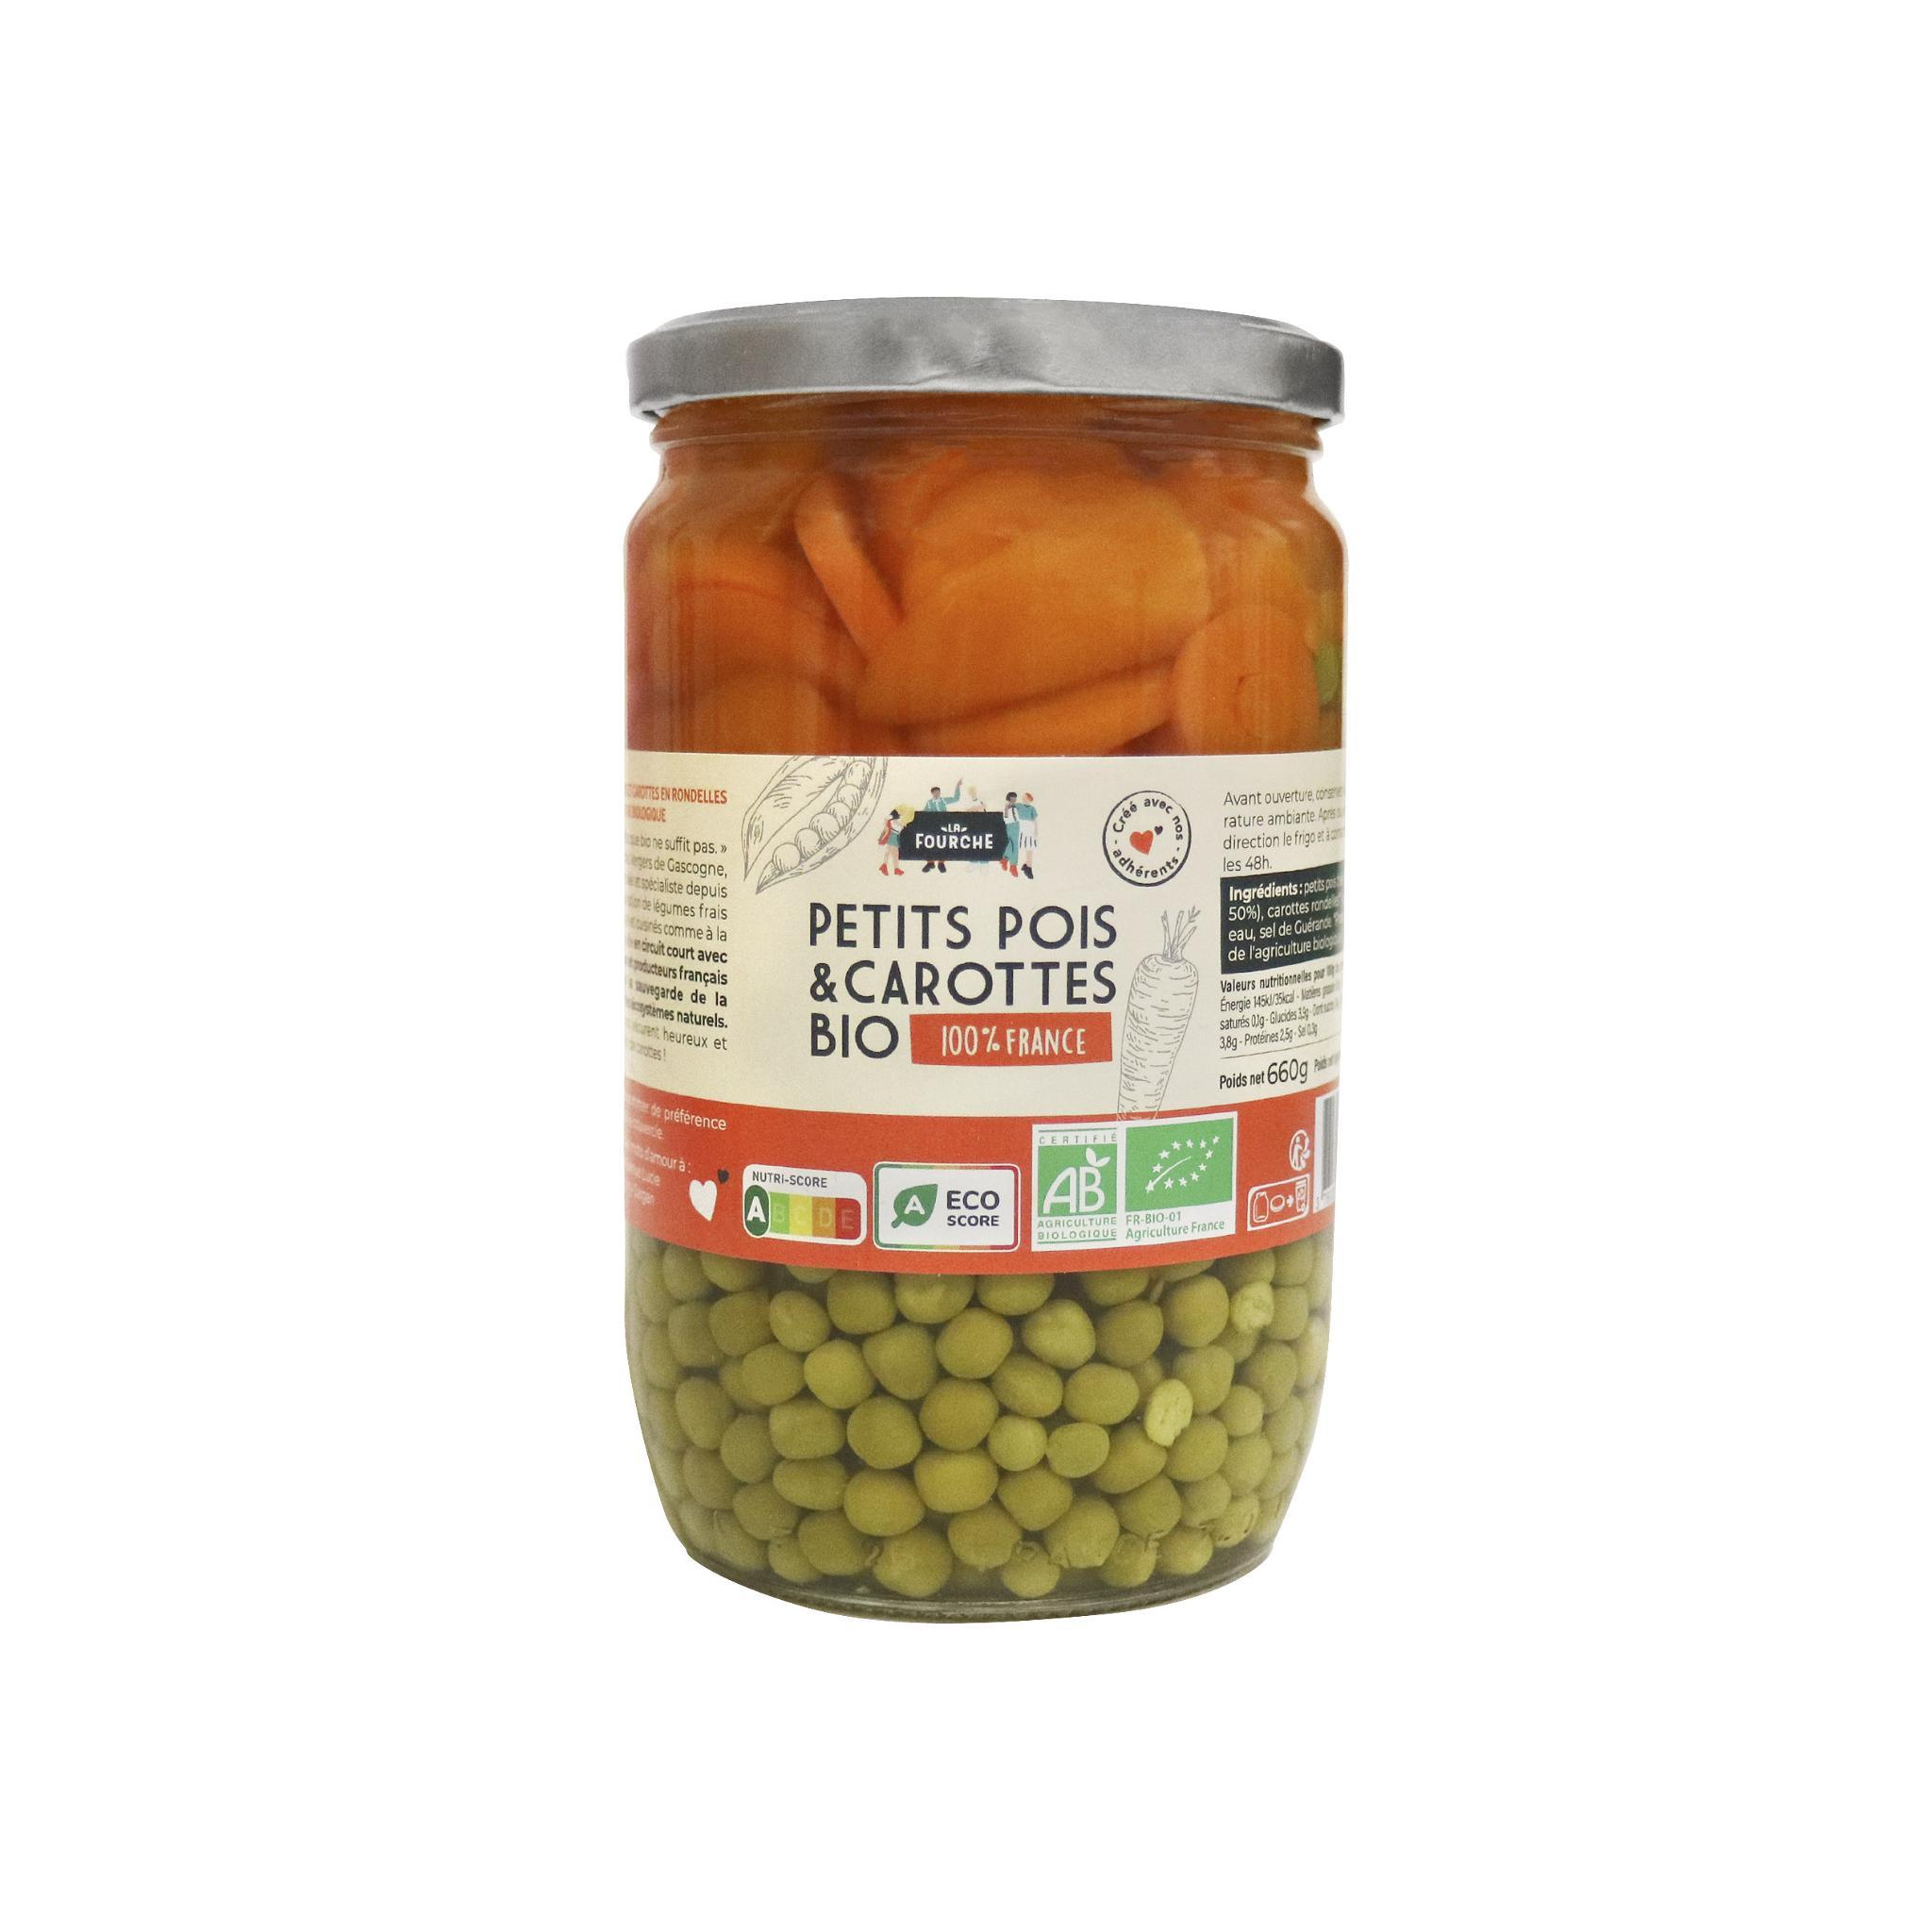 img-la-fourche-petits-pois-tres-fins-carottes-rondelles-france-bio-660g